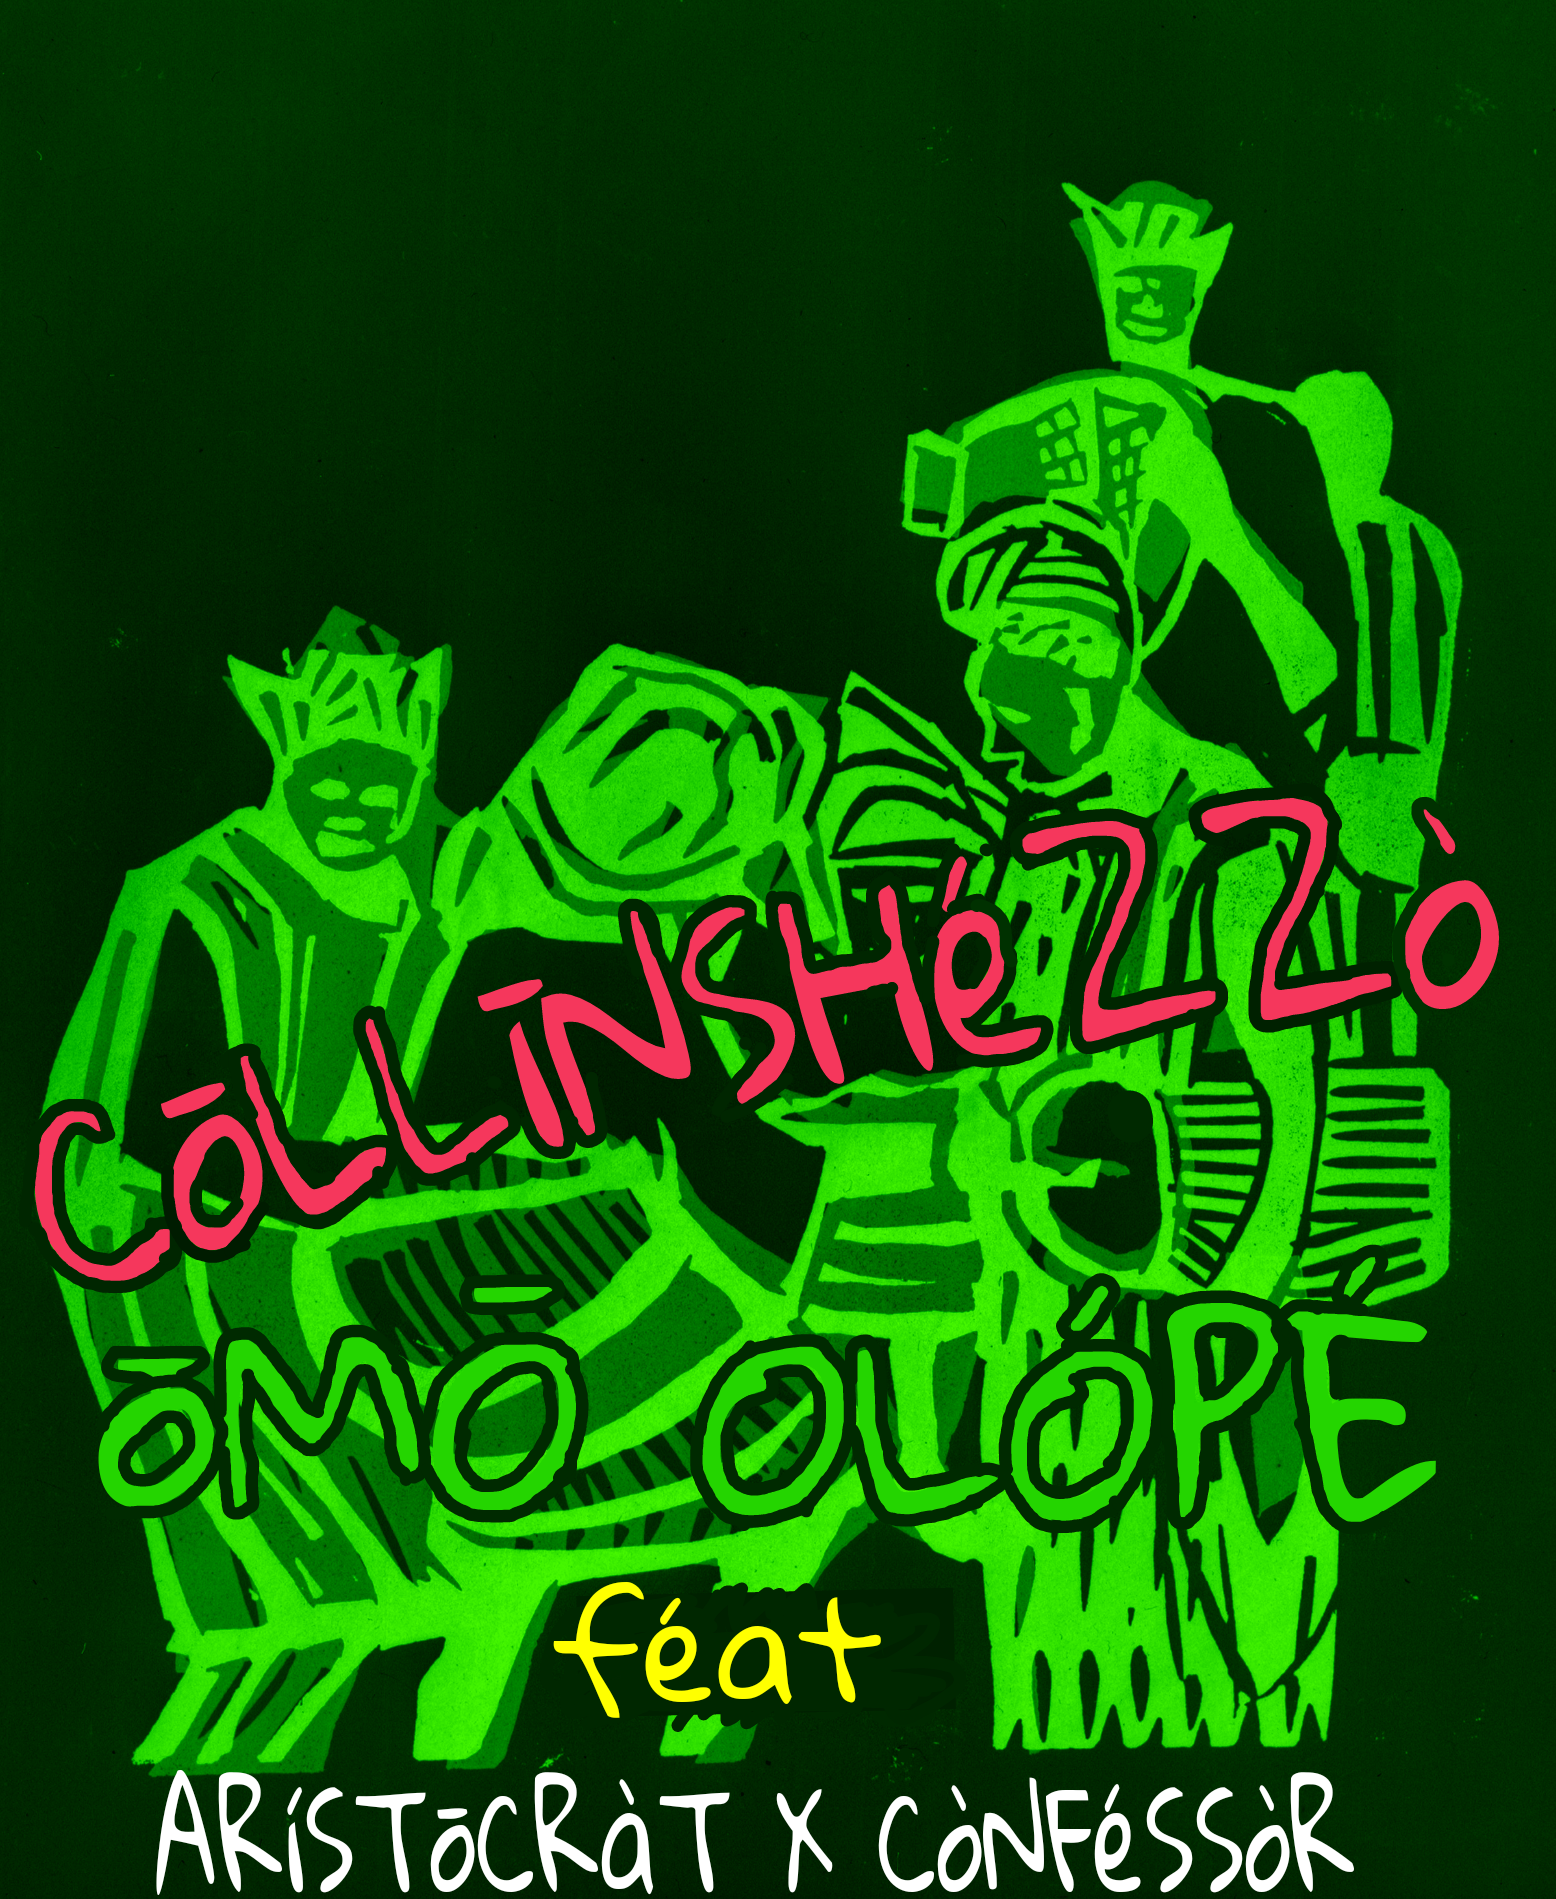 Collinshezzo -- Olope Ft The Aristocrat x Confessor Cover Art